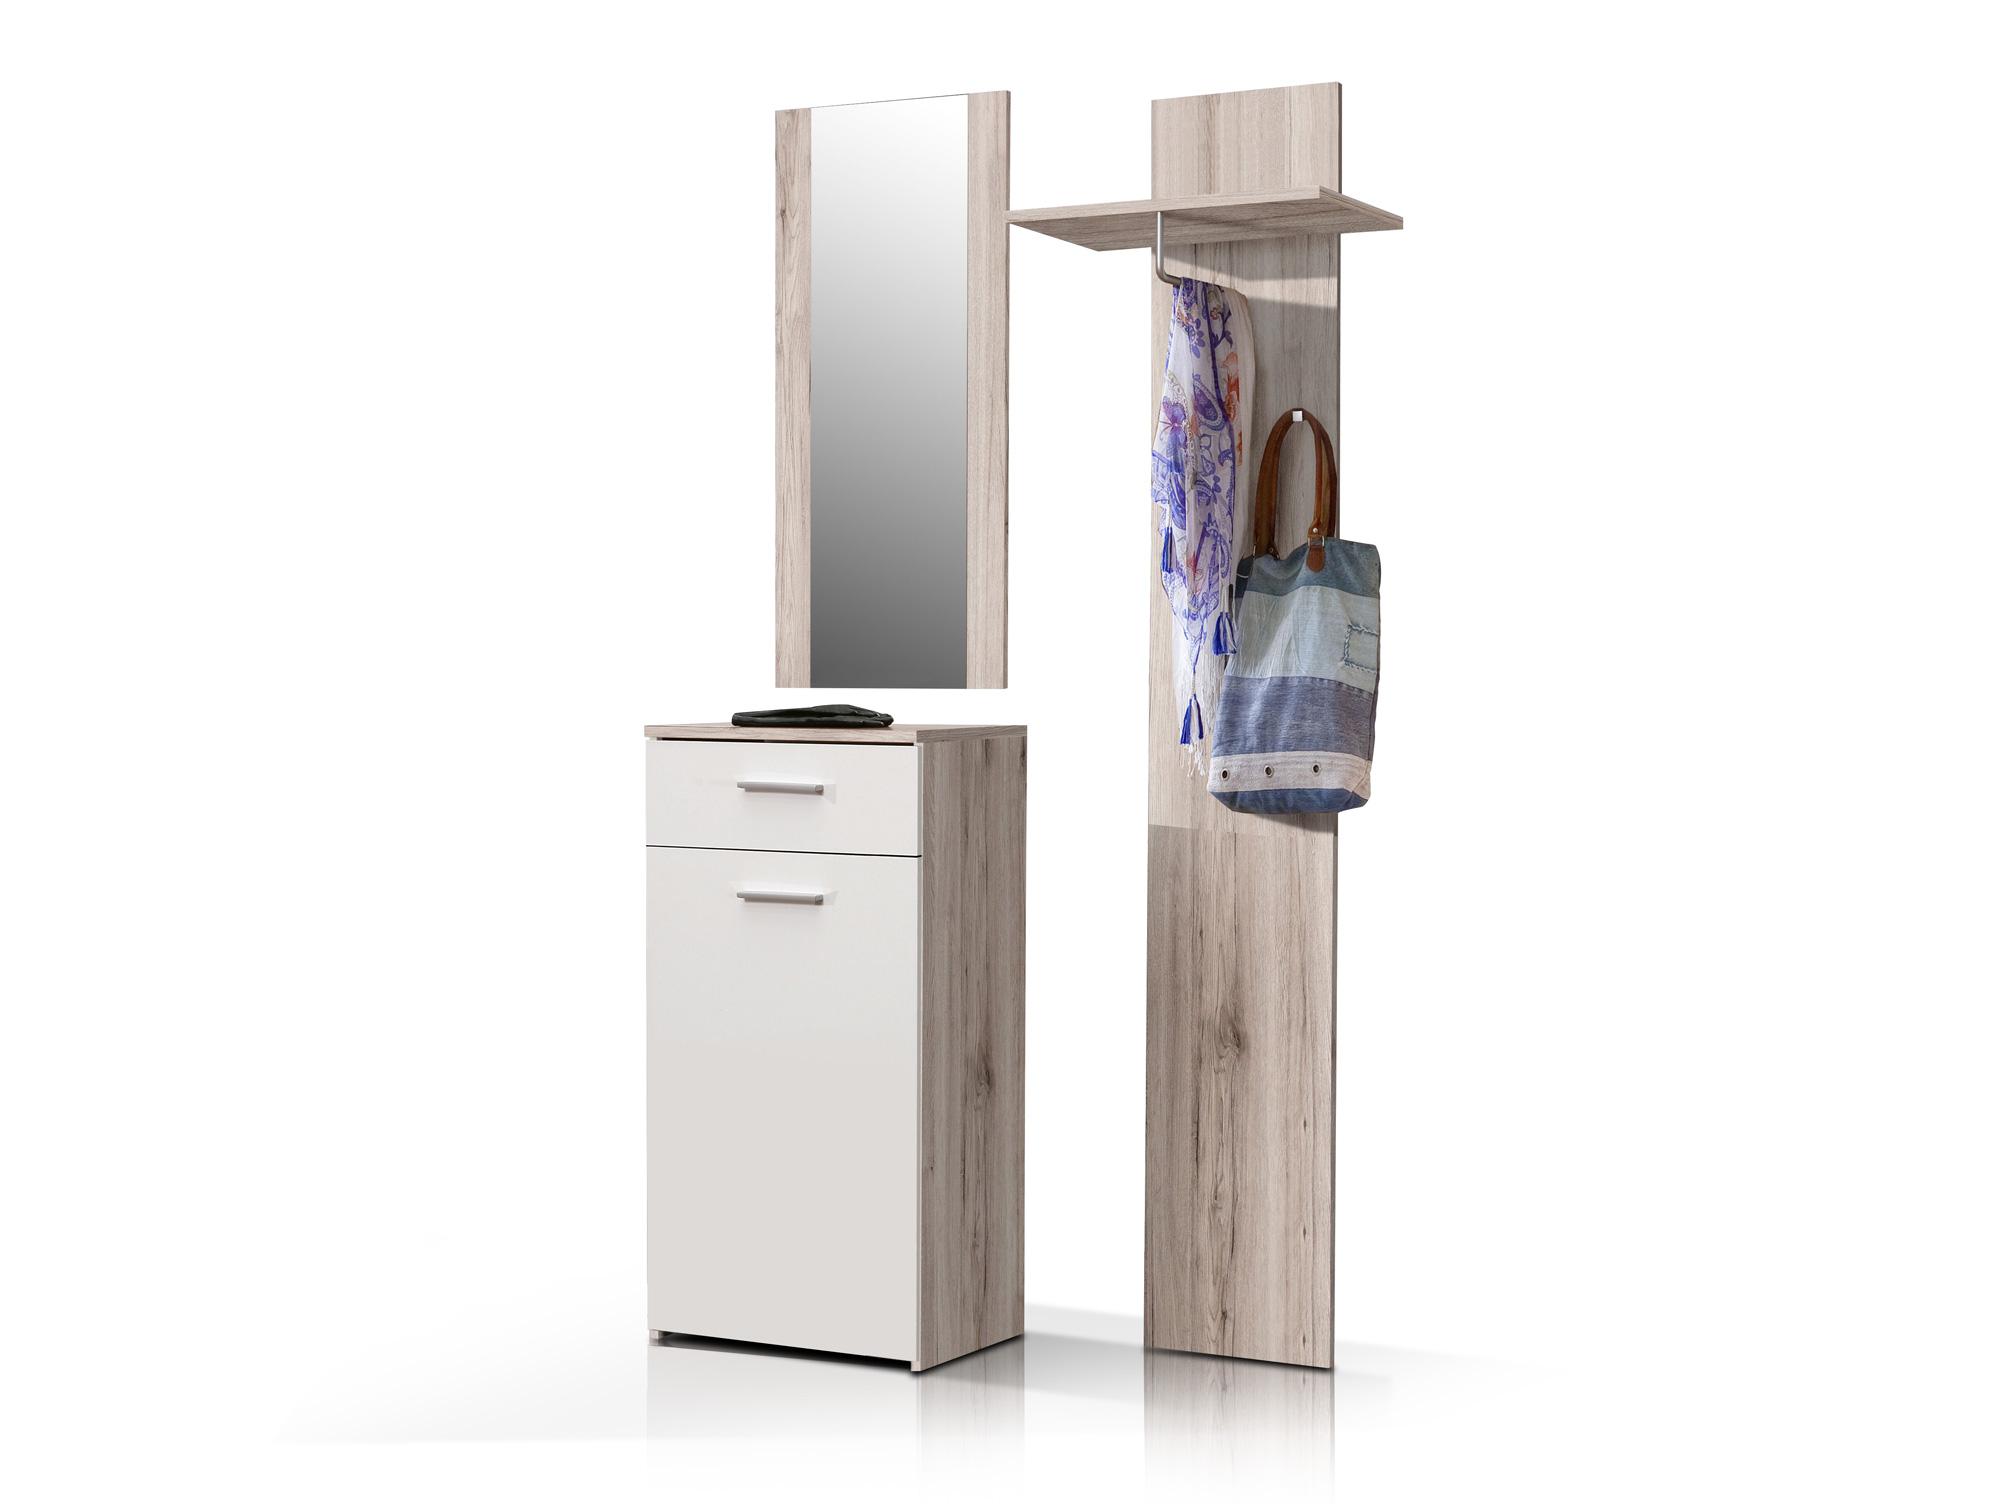 greta kompaktgarderobe garderobe mit spiegel schuhschrank